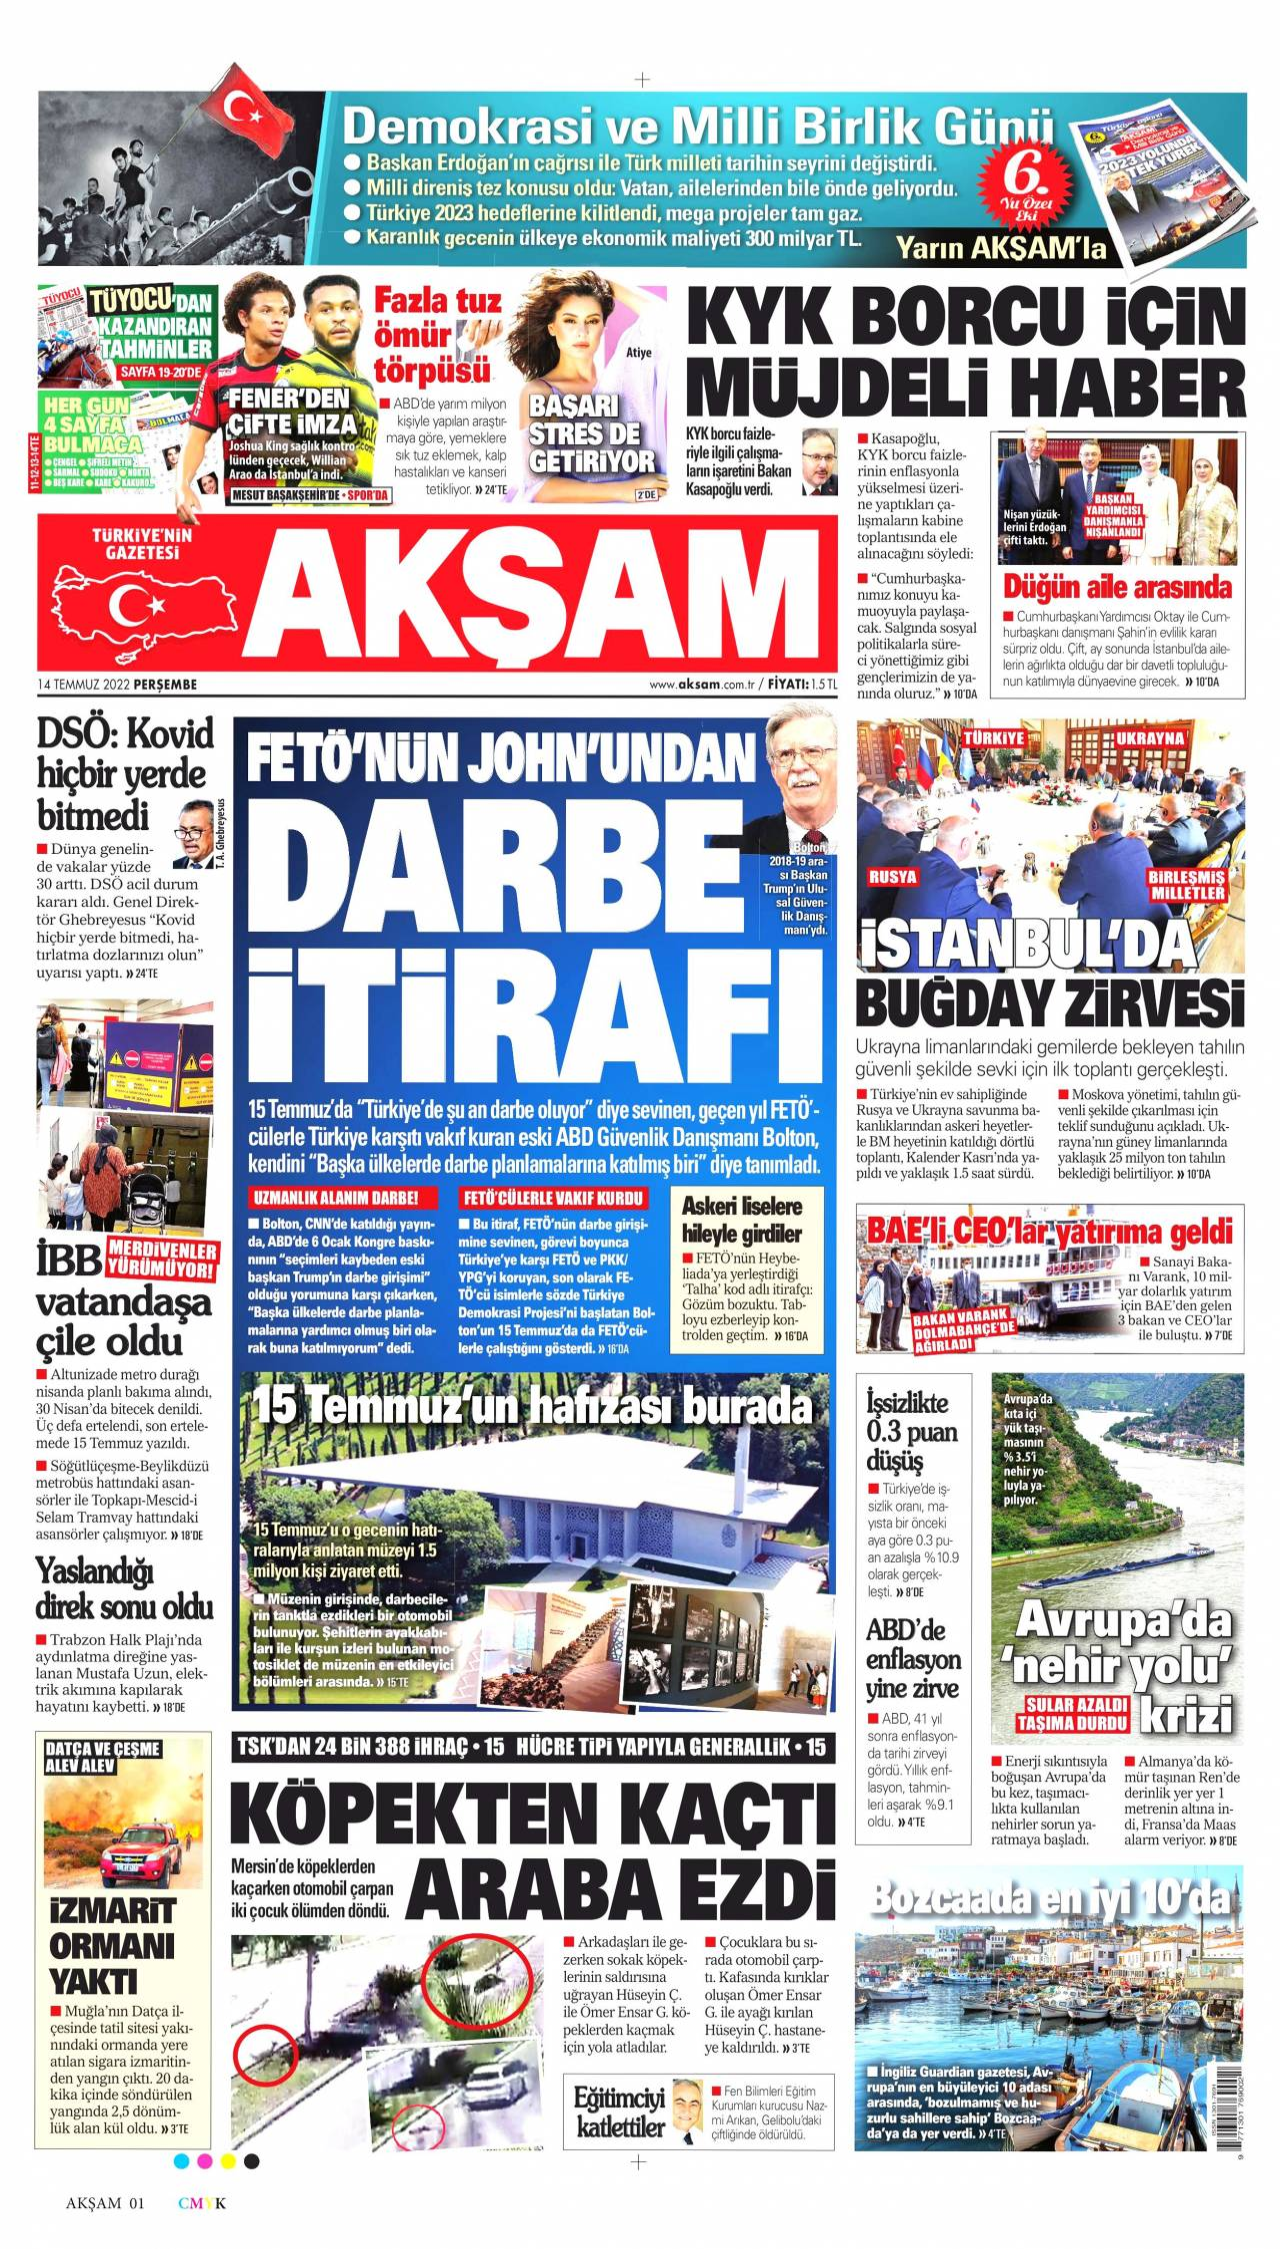 19 Şubat 2020, Çarşamba aksam Gazetesi